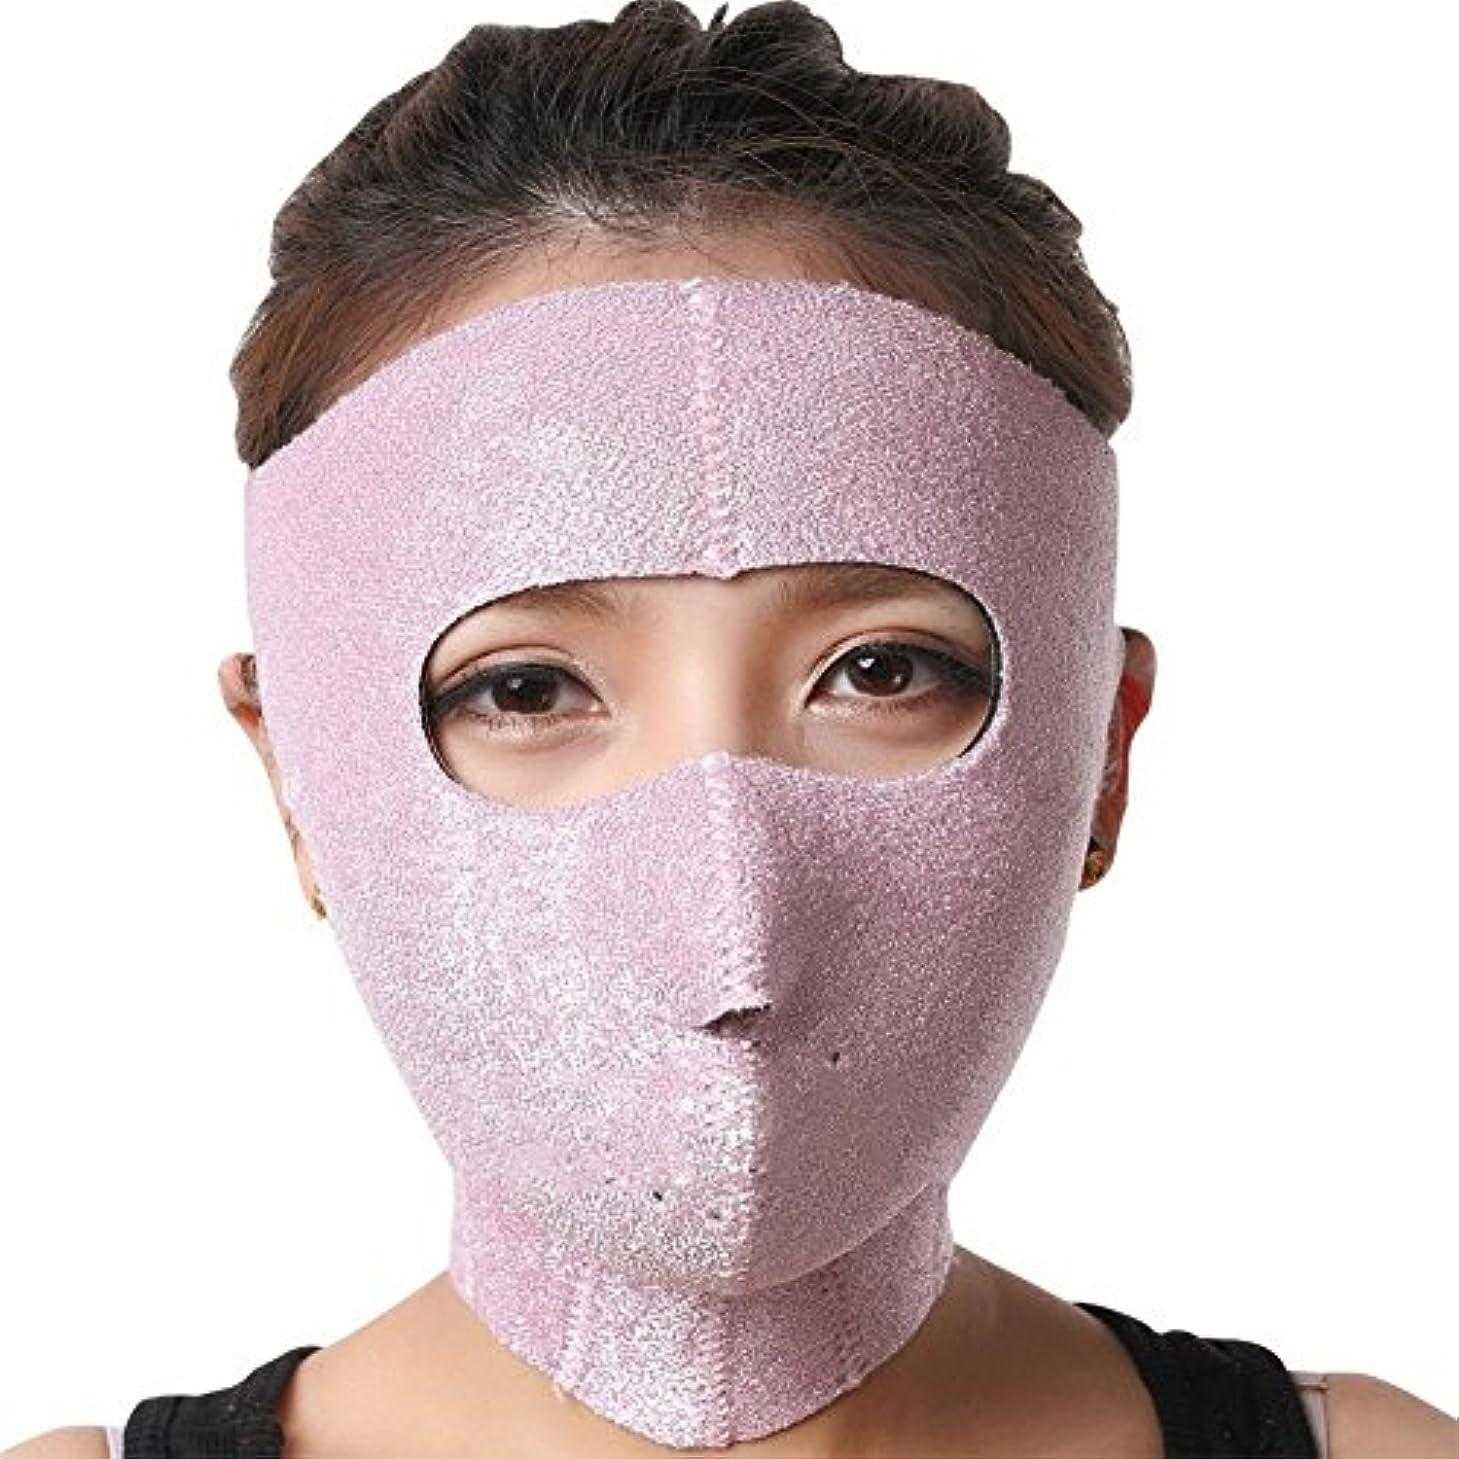 膨張する滑るメカニック汗だくマスク 小顔 サウナ マスク 汗 発汗 フェイス 顔 TEC-KONARUD